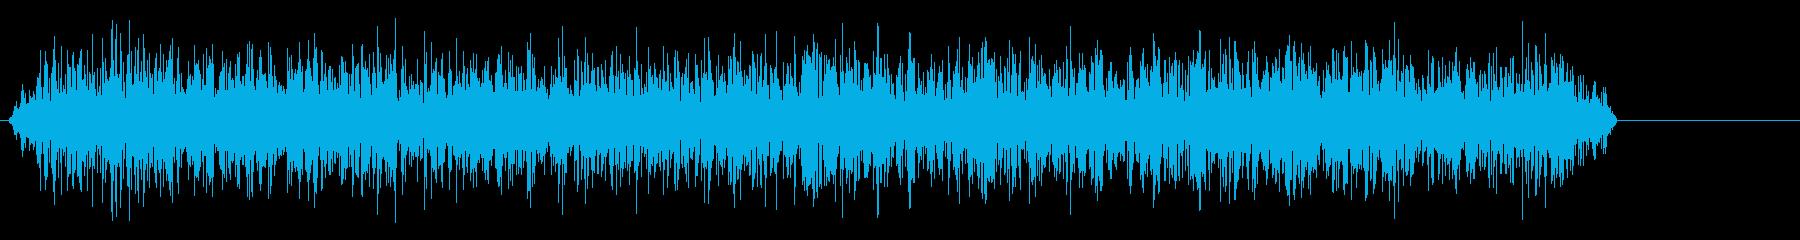 色調ズーム-電波-高の再生済みの波形